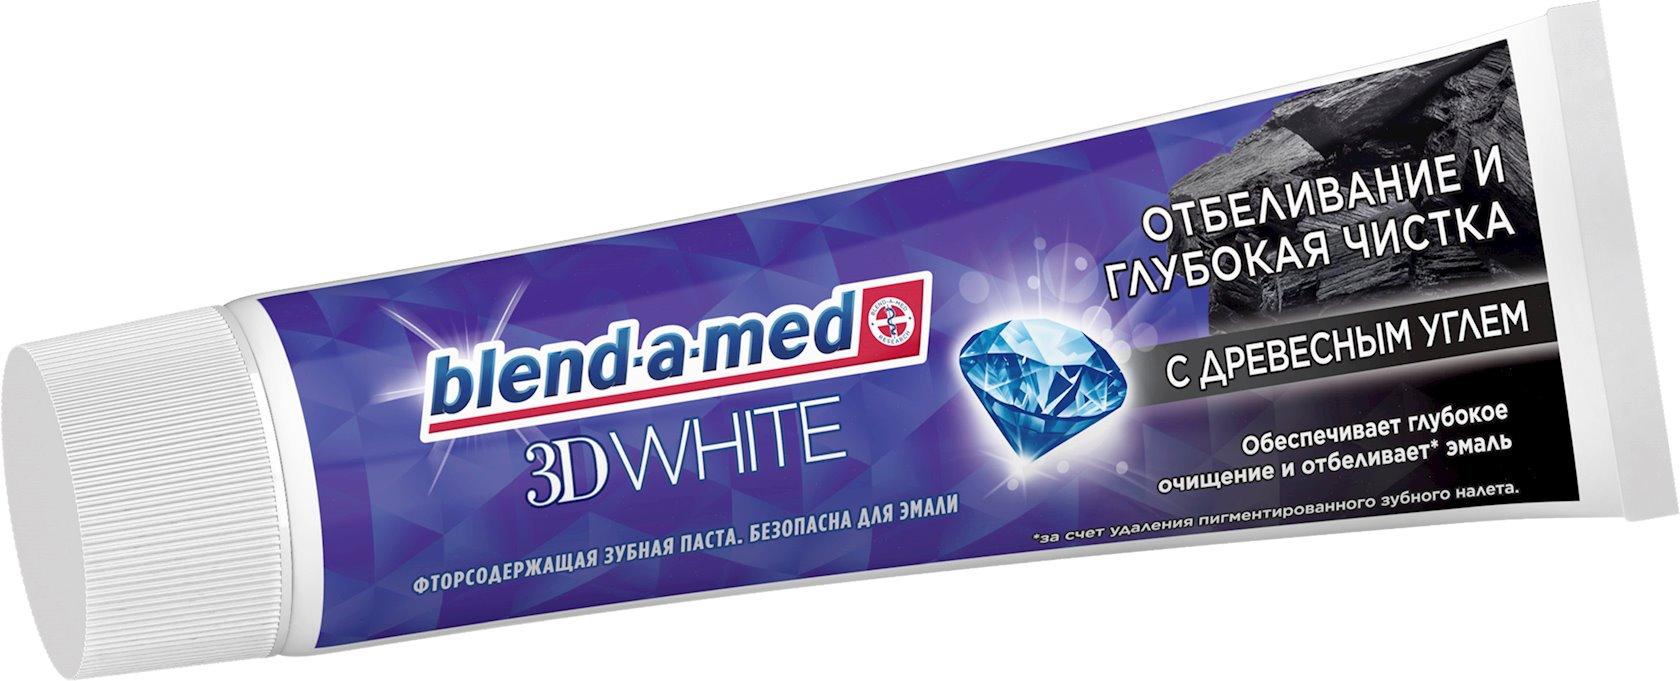 Diş məcunu Blend-a-med 3D White Dərin təmizləmə 100 ml